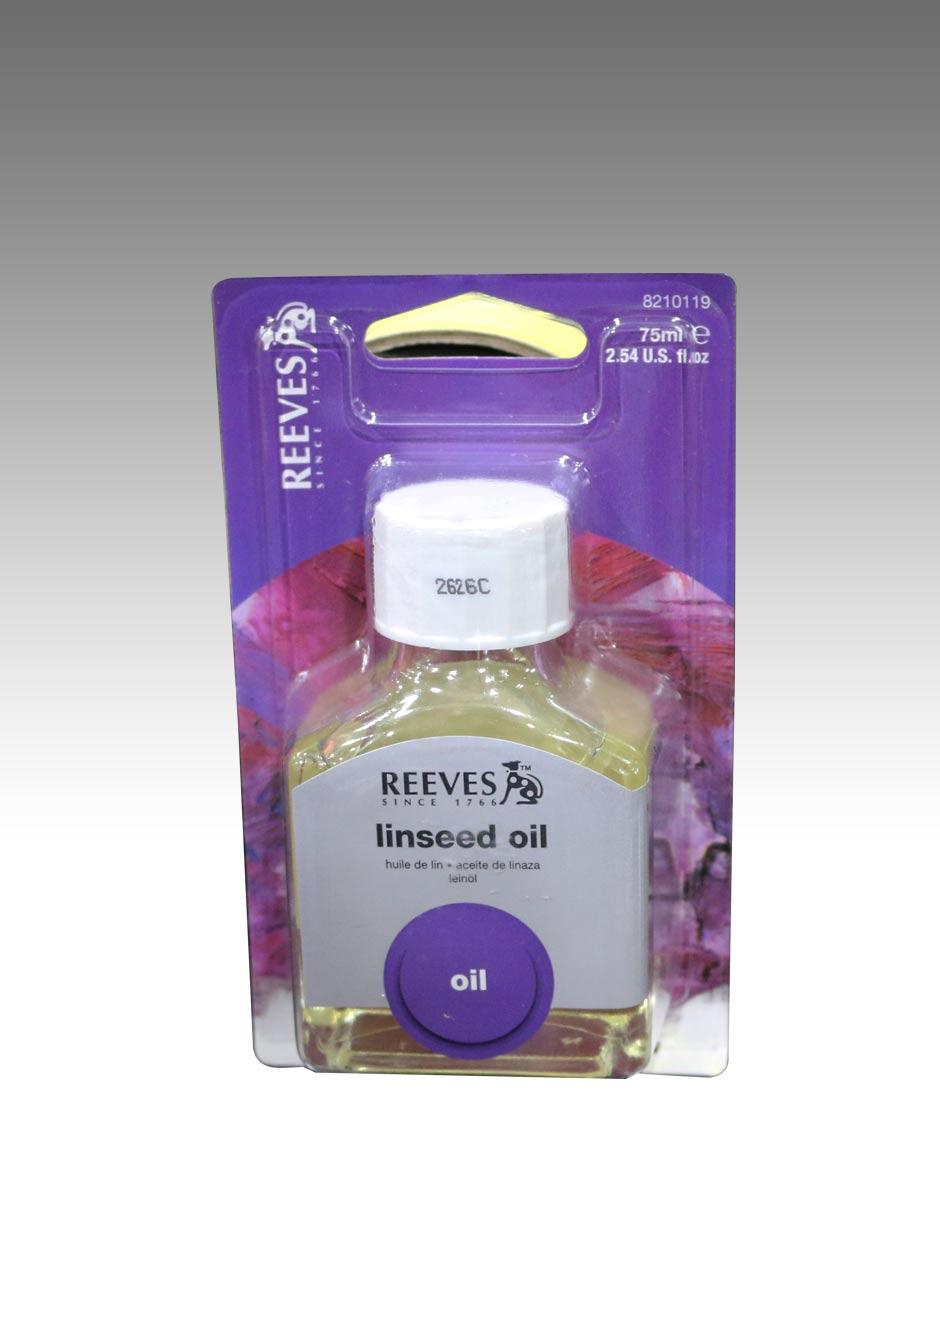 reeves-linseed-oil